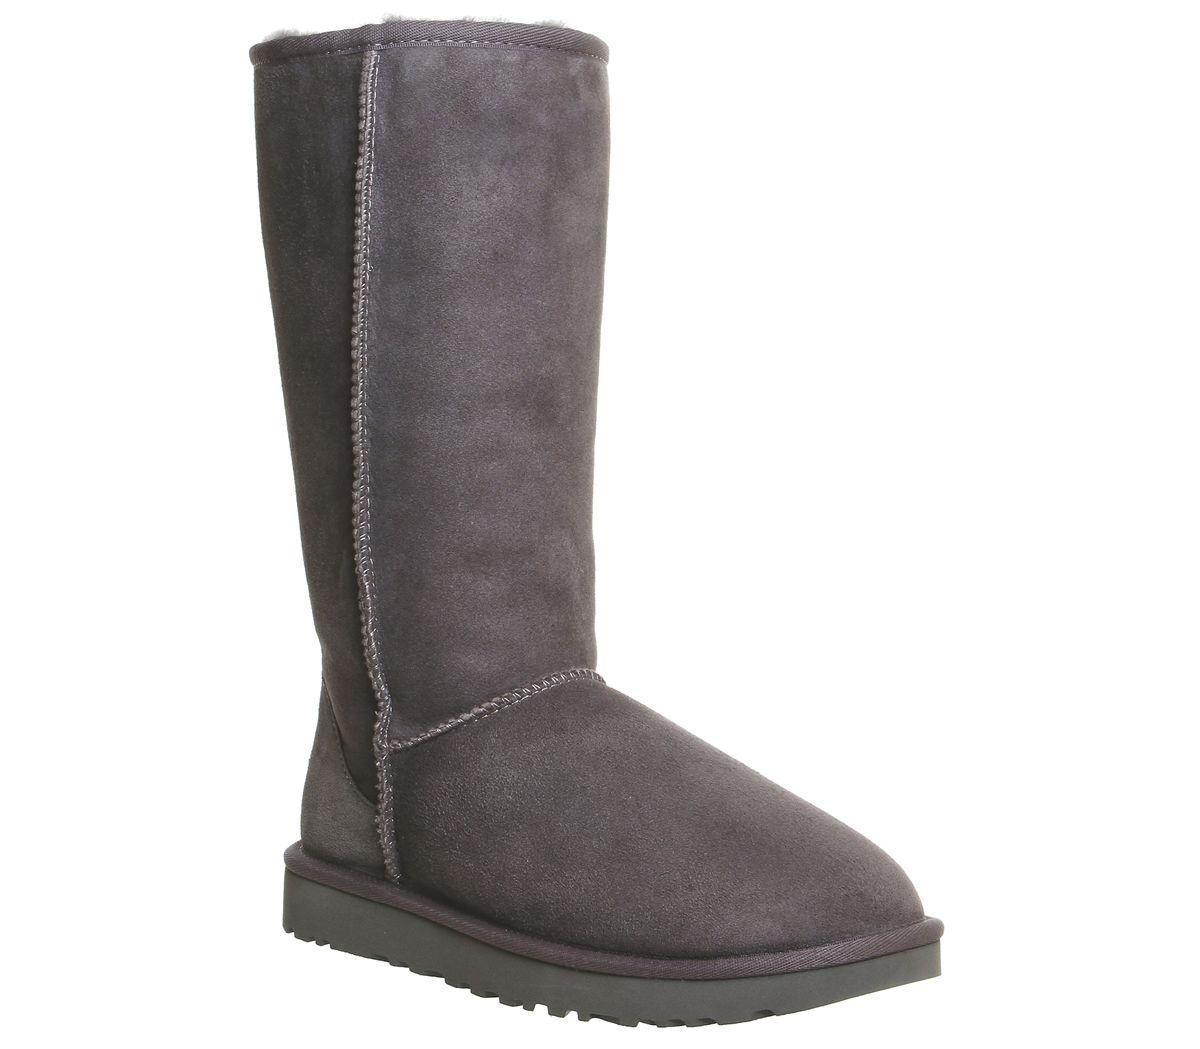 946ec6d0477 Classic Tall II Boots